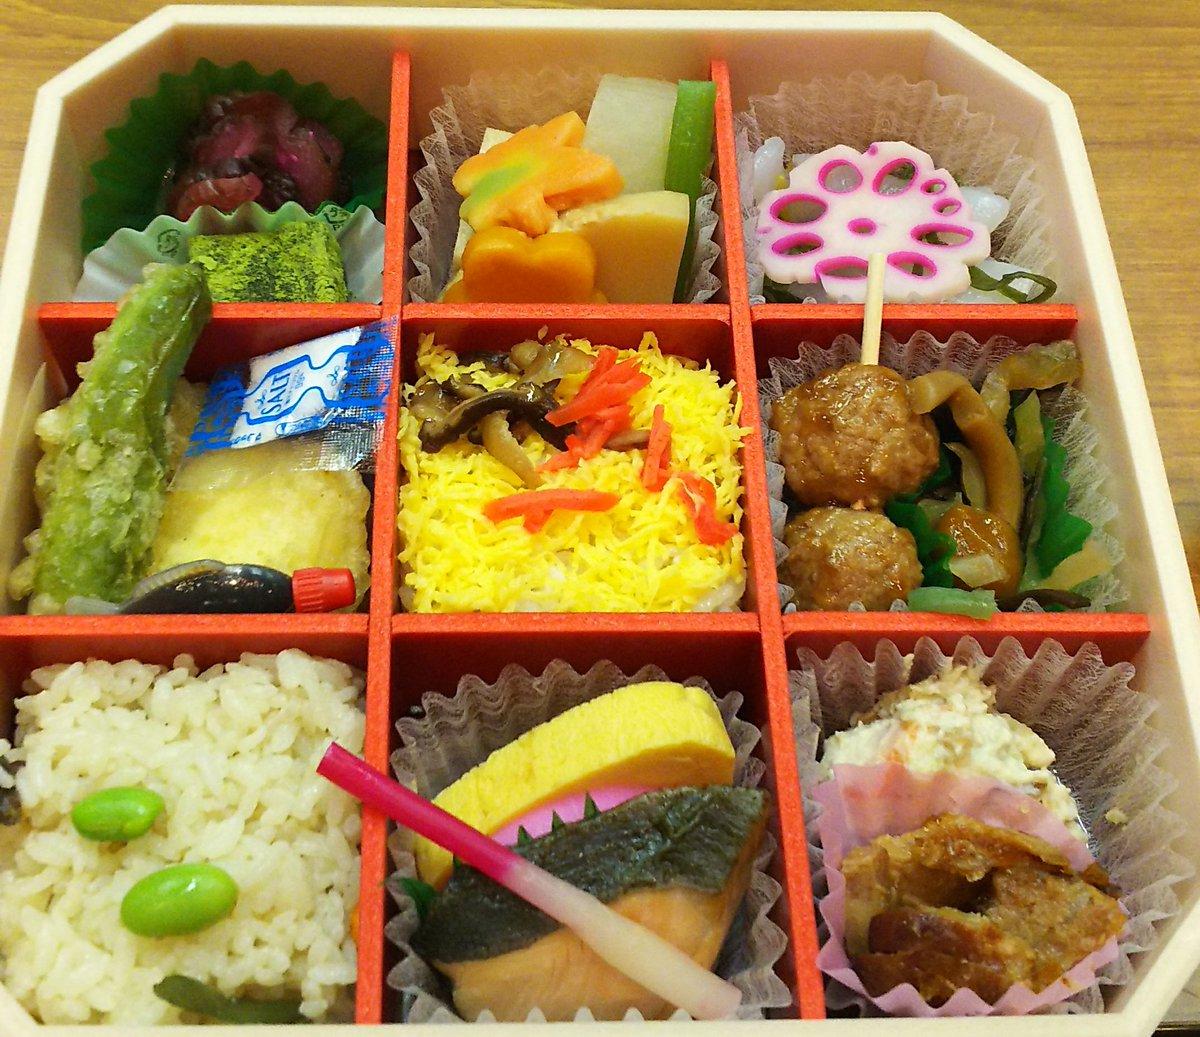 test ツイッターメディア - 昼は京都の大覚寺の弁当。 夜は琵琶湖ちかくのホテルで食事会。 美味しかったです😋🍴💕 https://t.co/O7ez2IqjDG